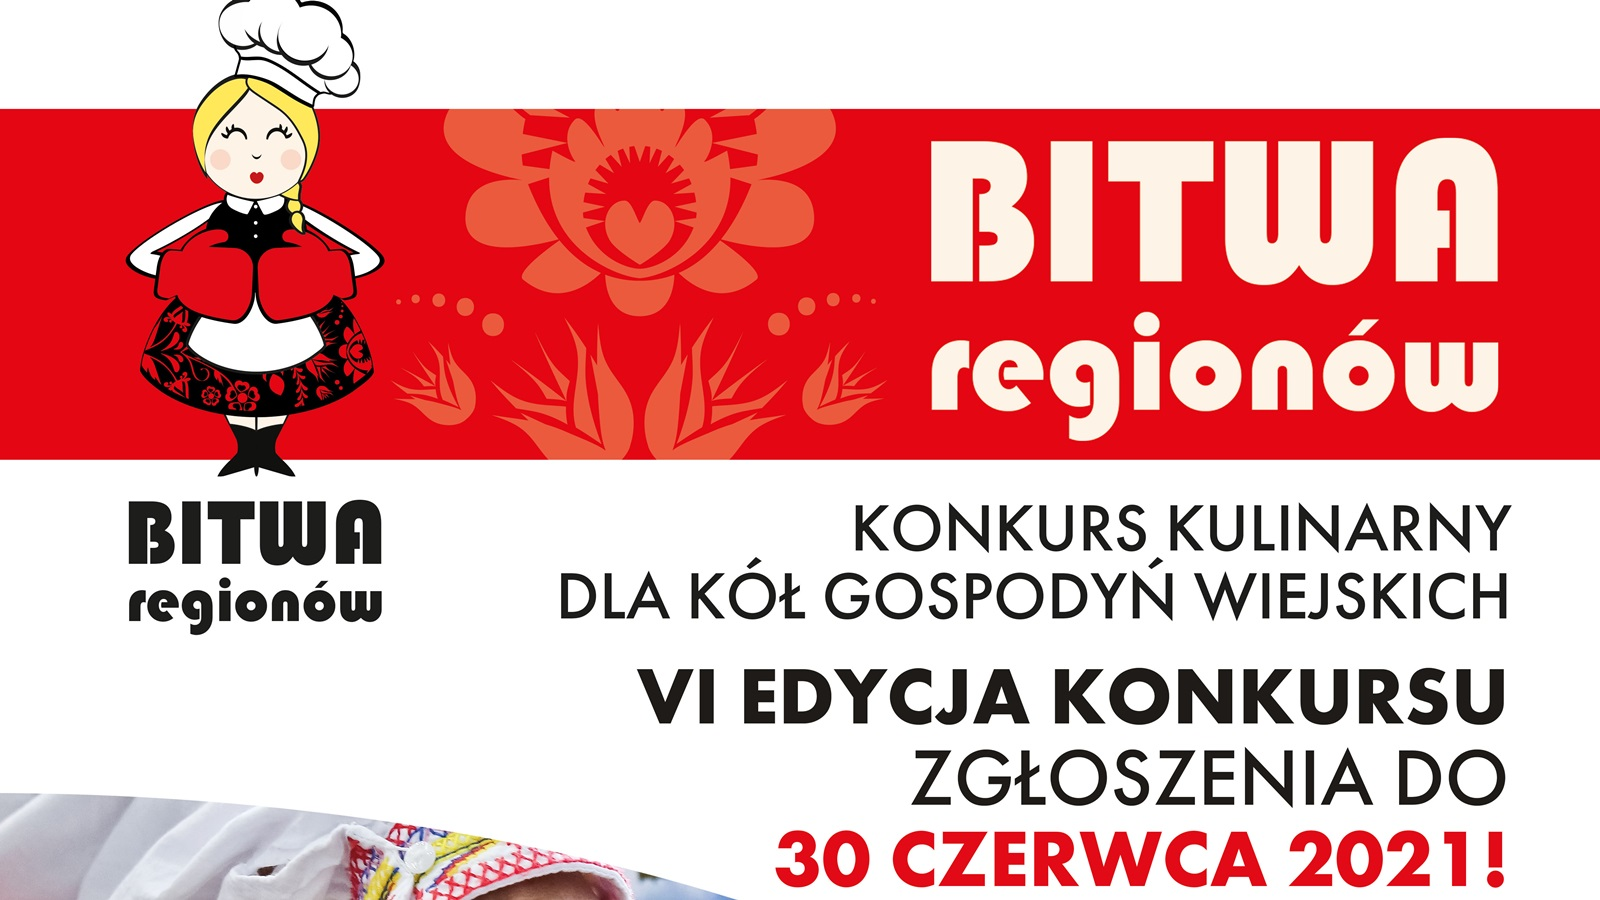 """""""Bitwa Regionów 2021"""" kulinarne starcie Kół Gospodyń Wiejskich - zdjęcie główne"""